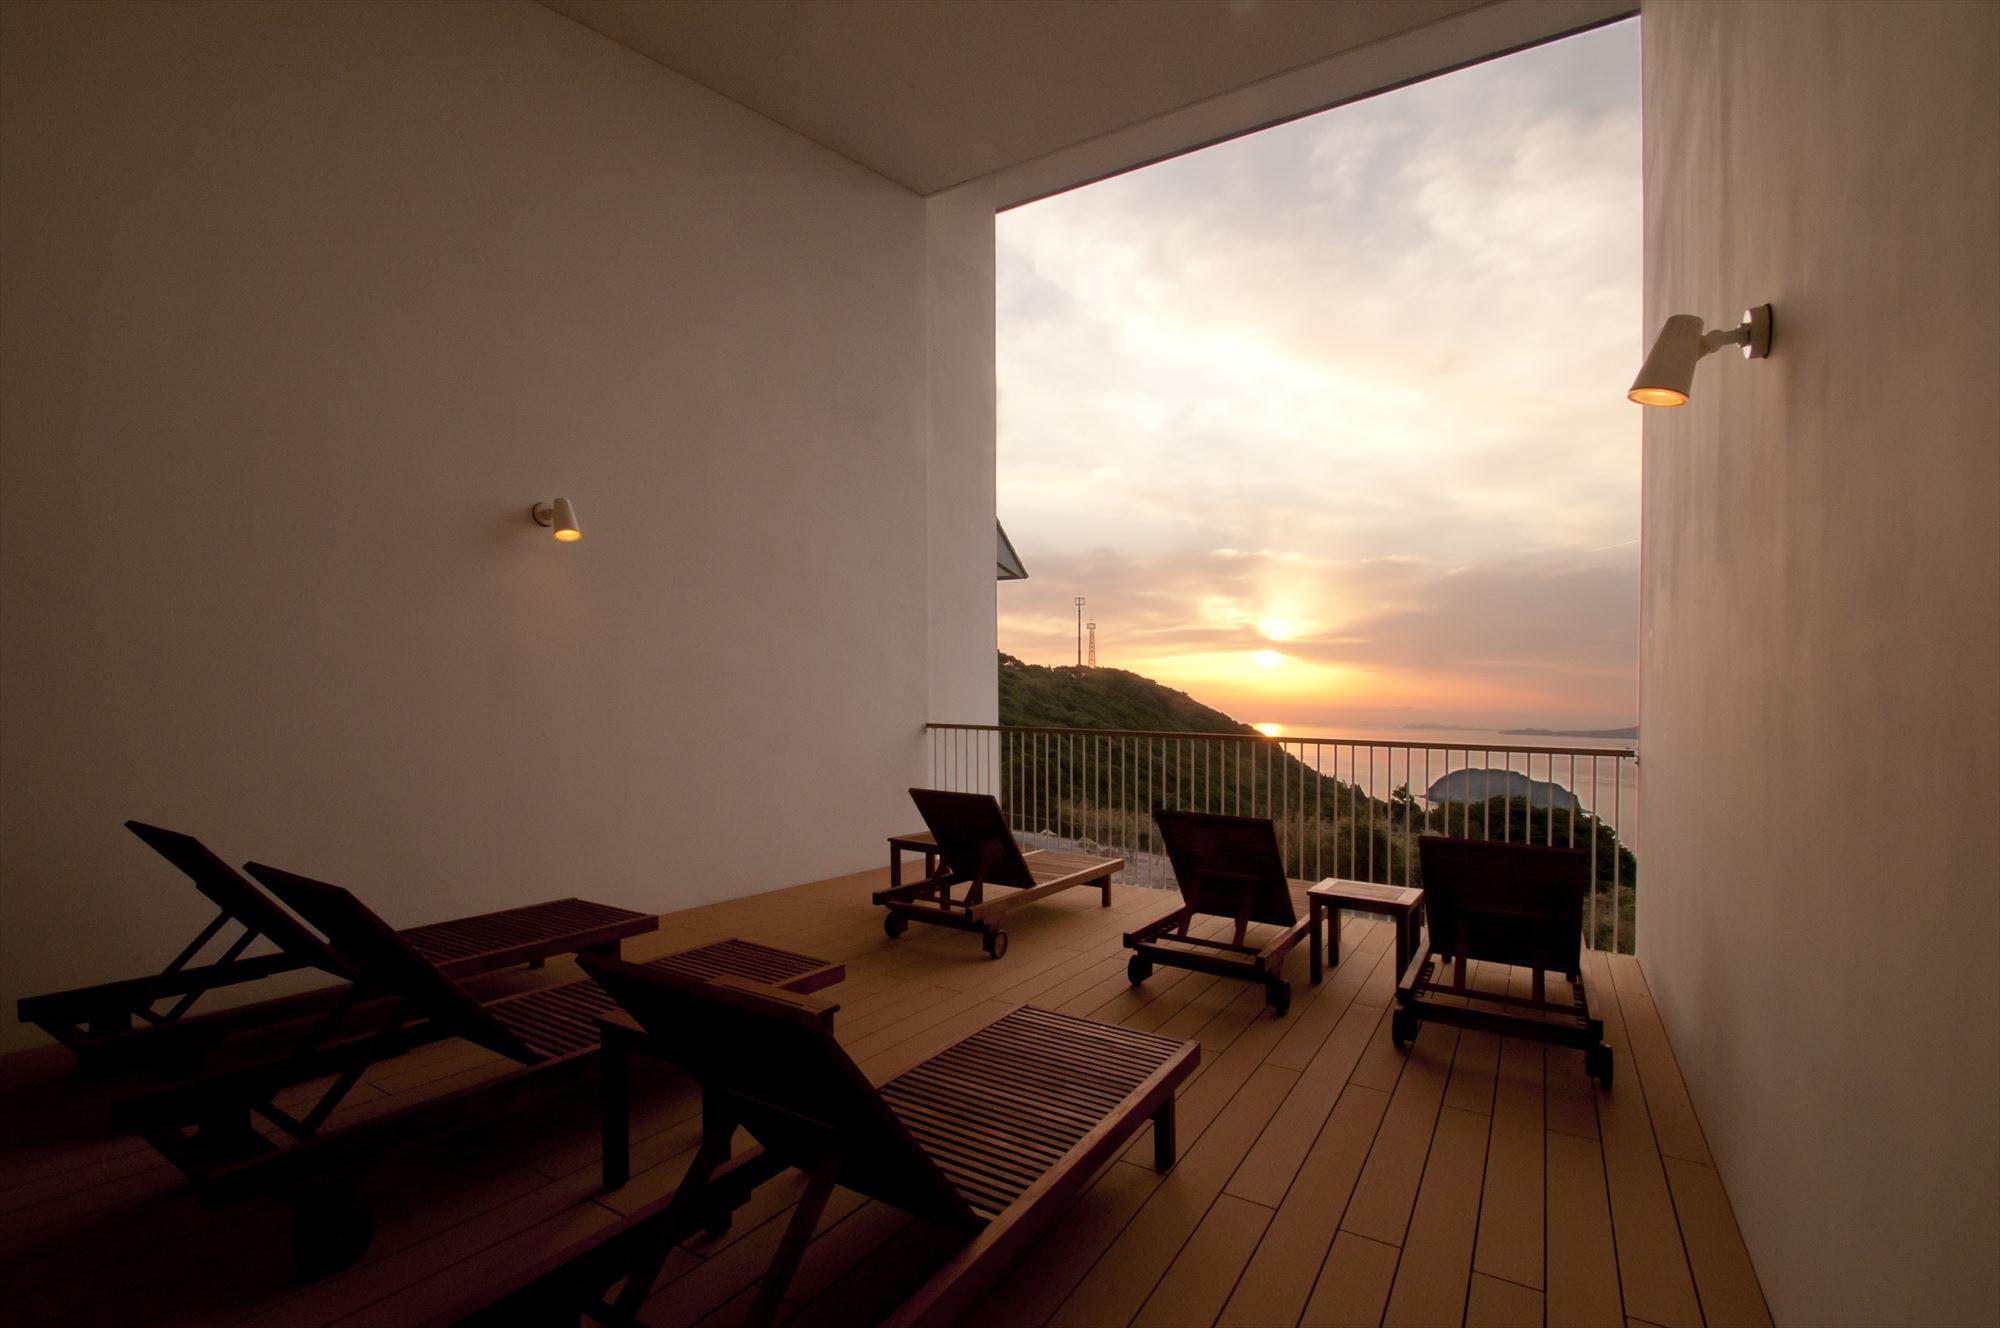 息をのむ夕景を愉しむ離島のリゾートホテル